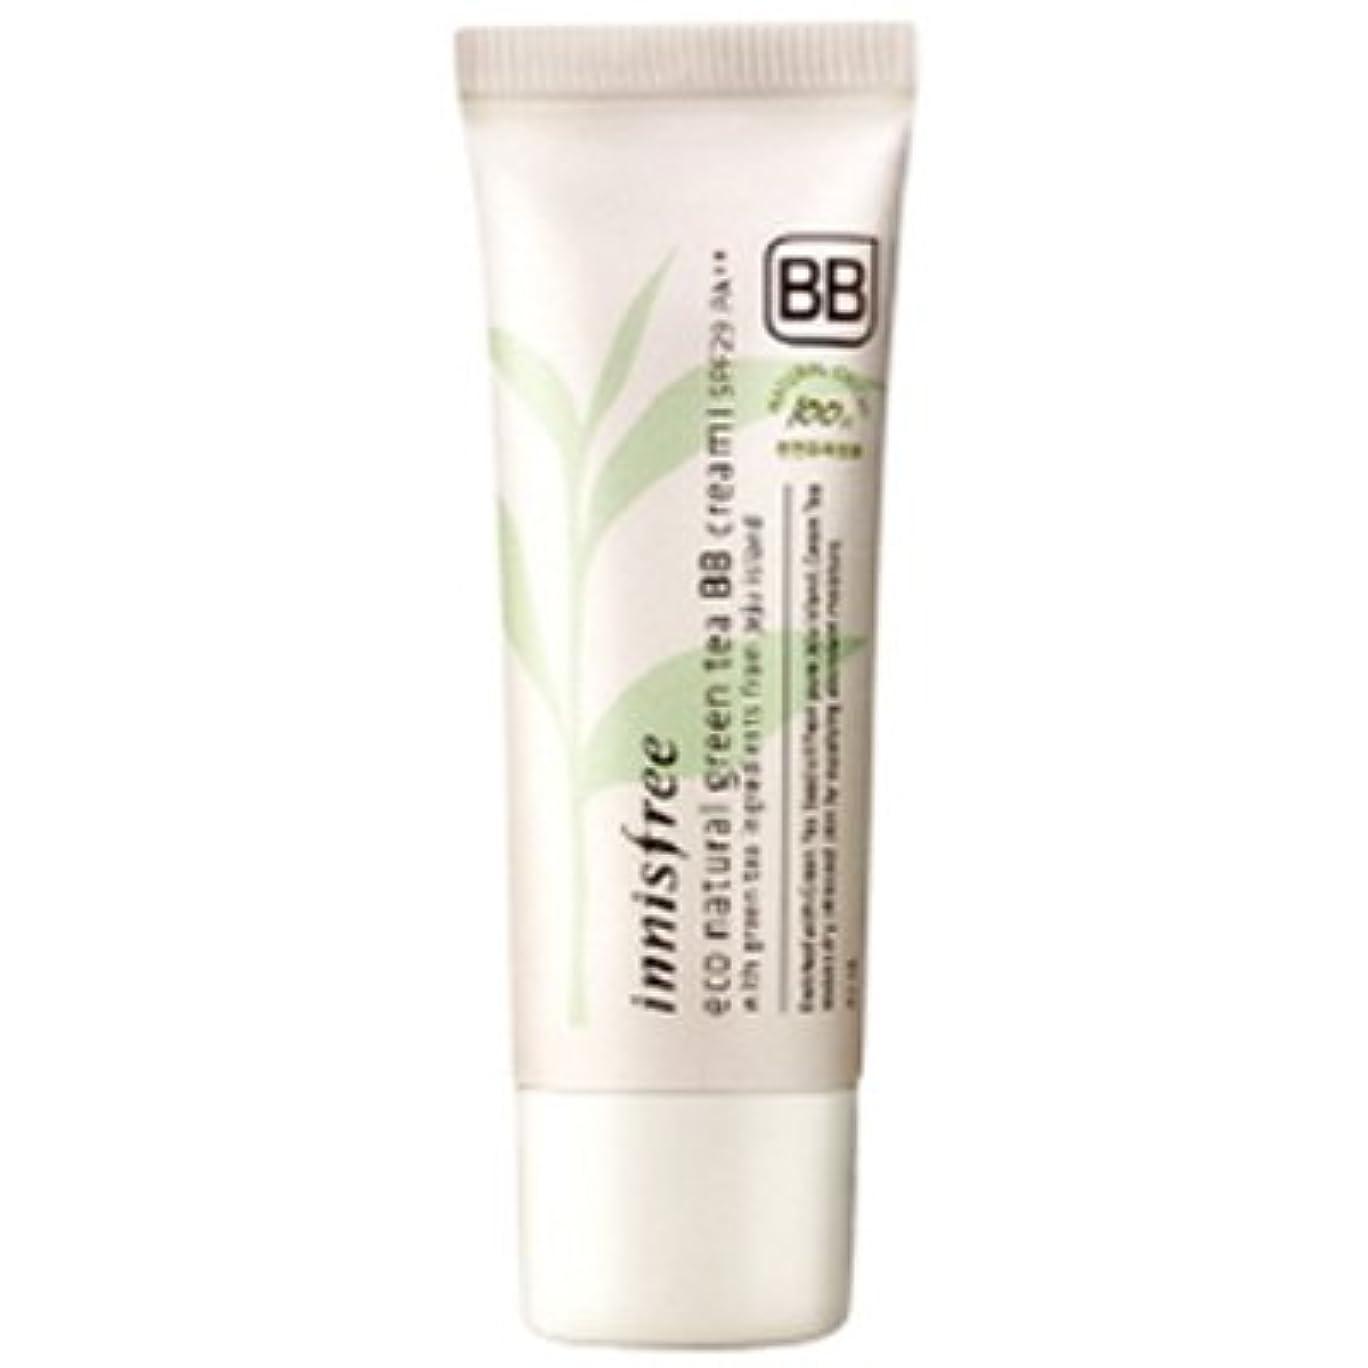 造船農民そのようなinnisfree(イニスフリー) Eco natural green tea BB cream エコ ナチュラル グリーン ティー BB クリーム SPF29/PA++ 40ml #1:ライトベージュ